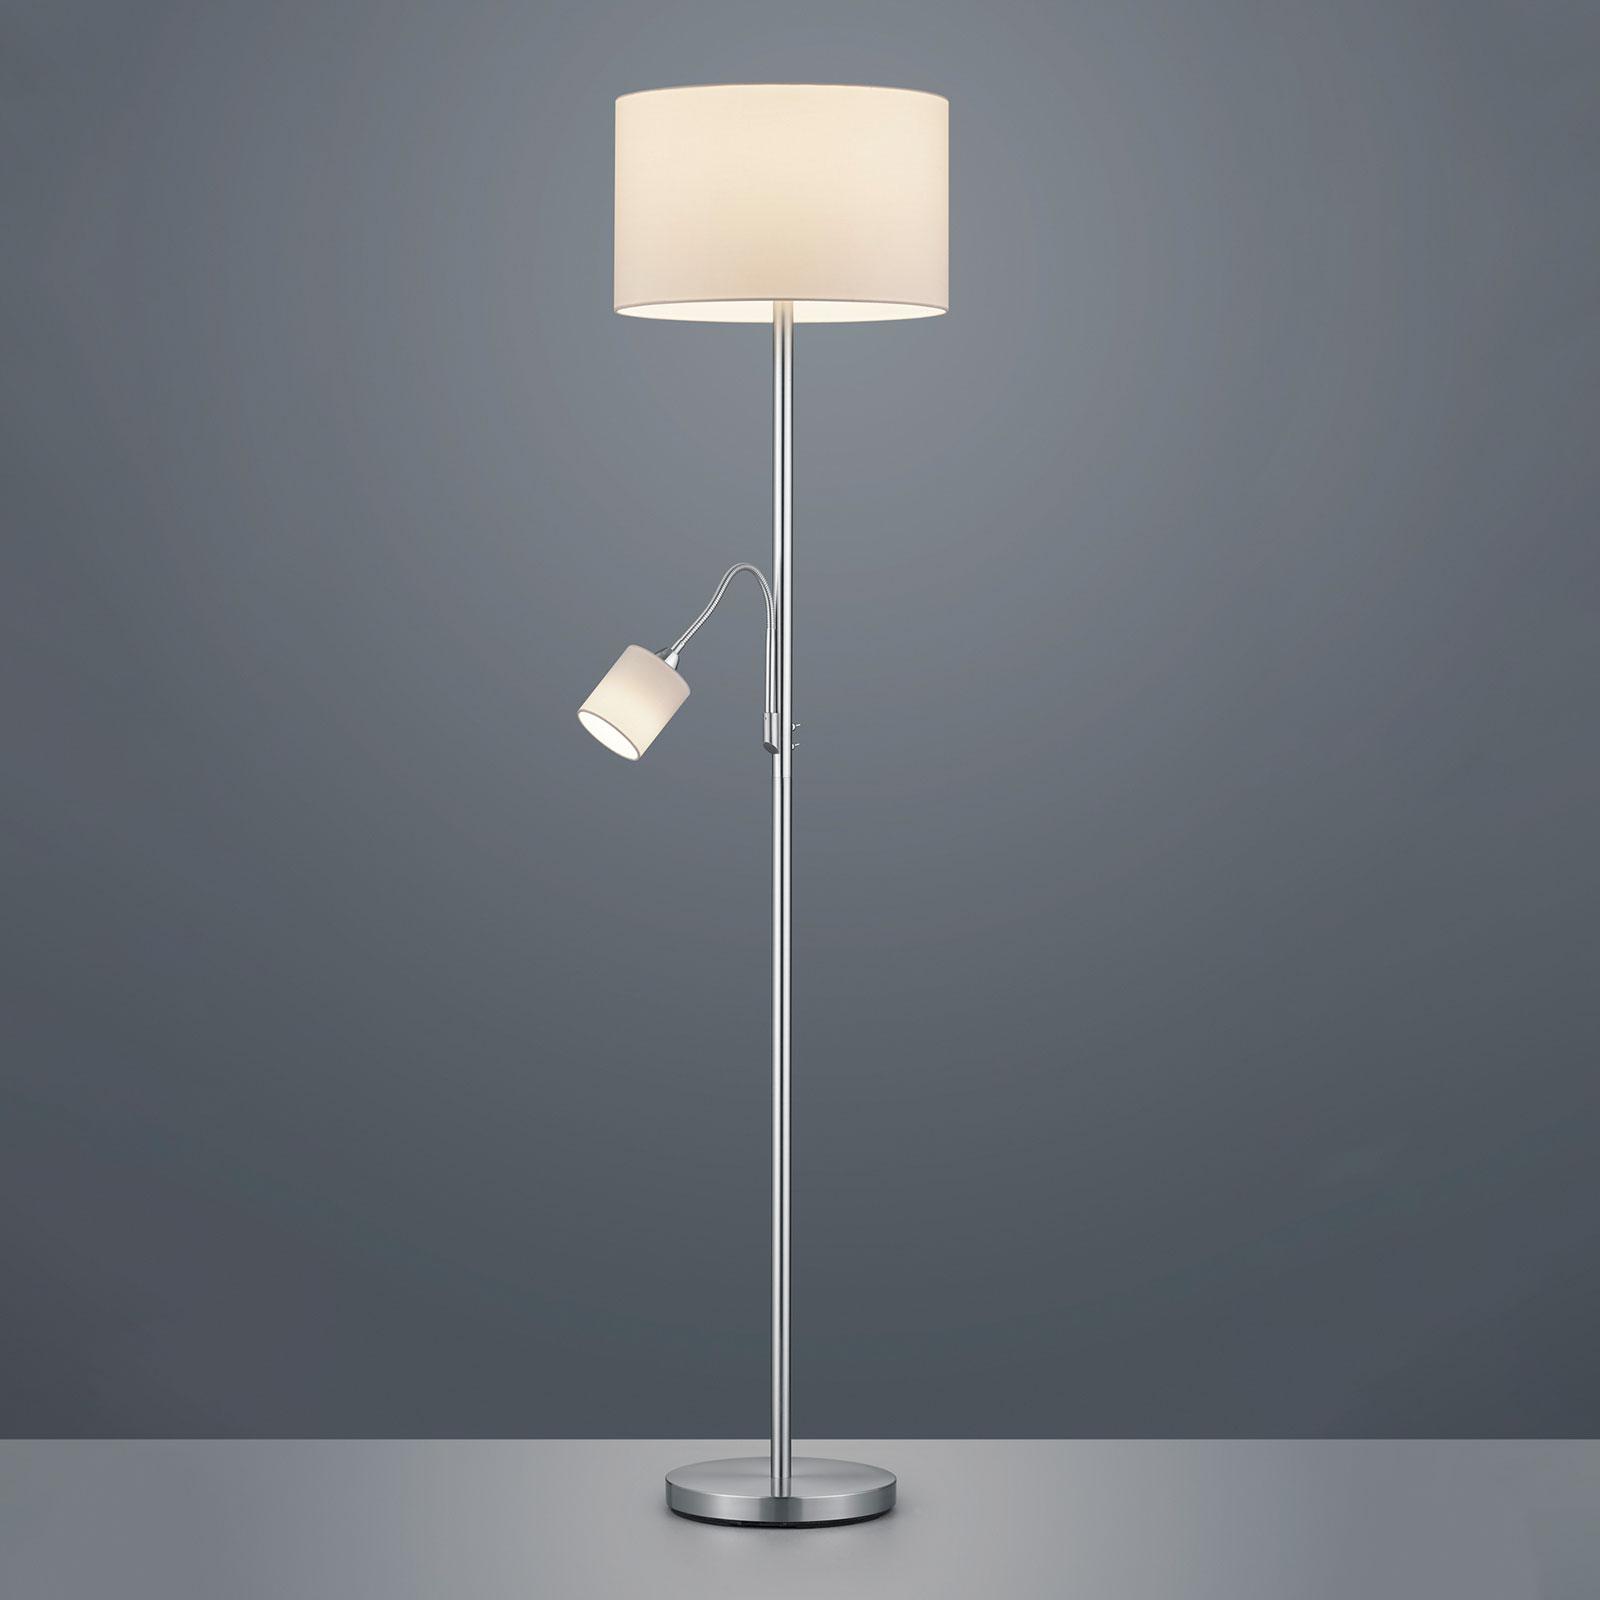 Stojací lampa Hotel s čtecím světlem, bílá